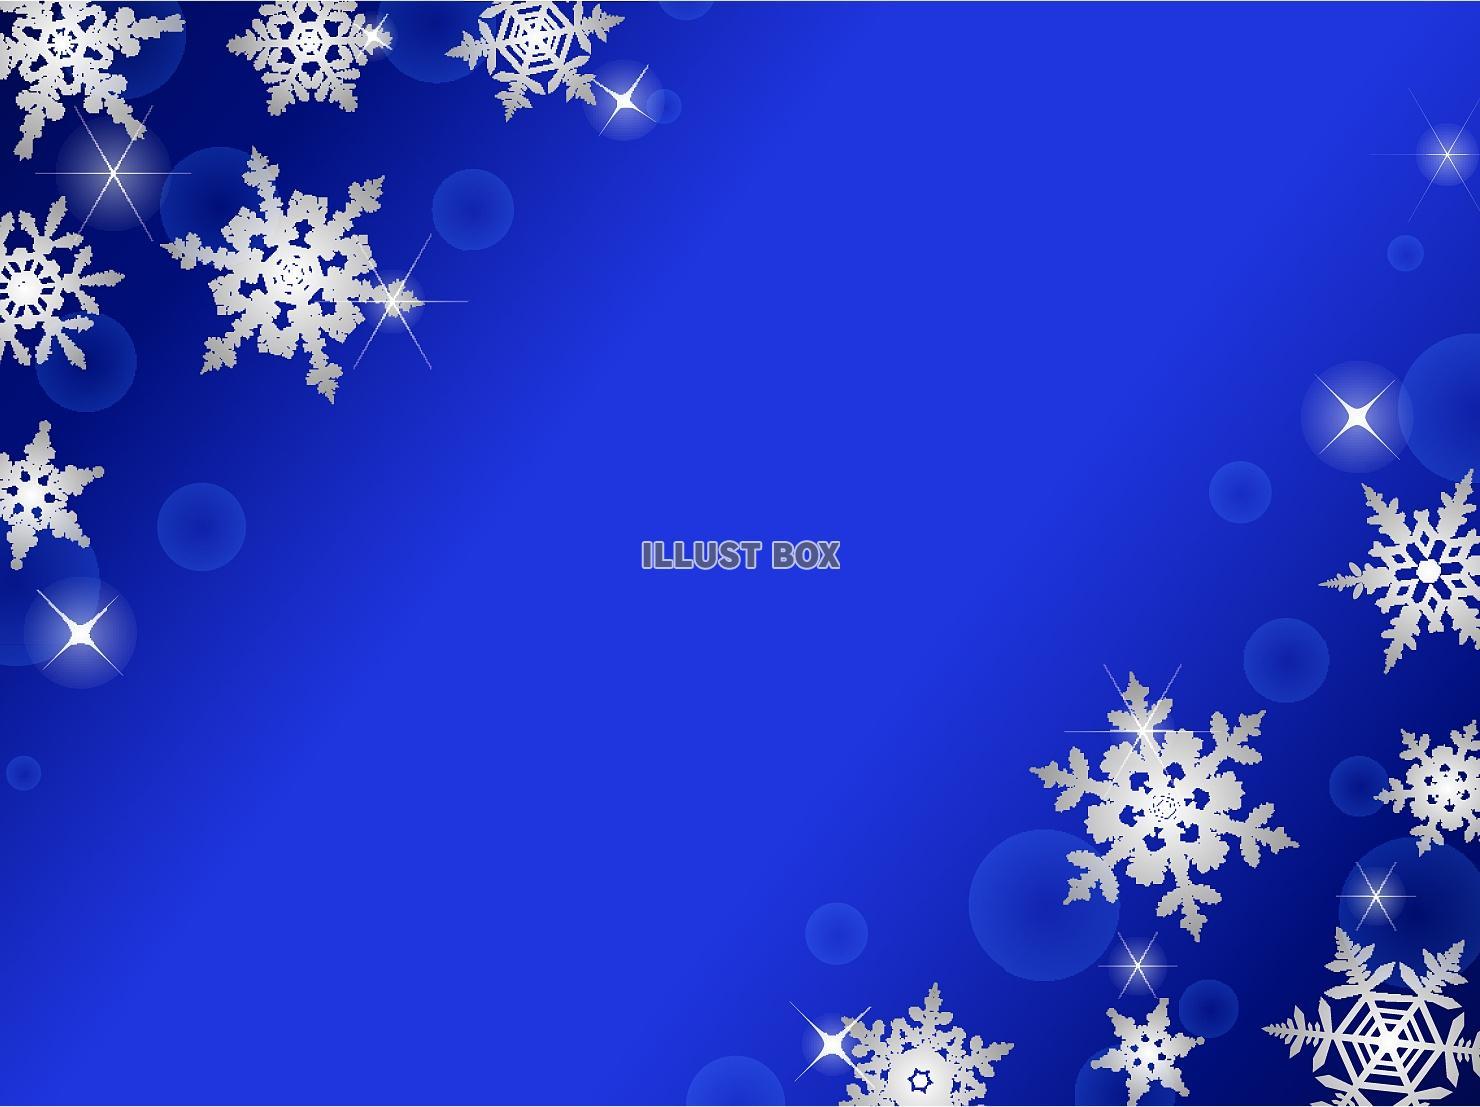 無料イラスト 冬・雪の結晶背景